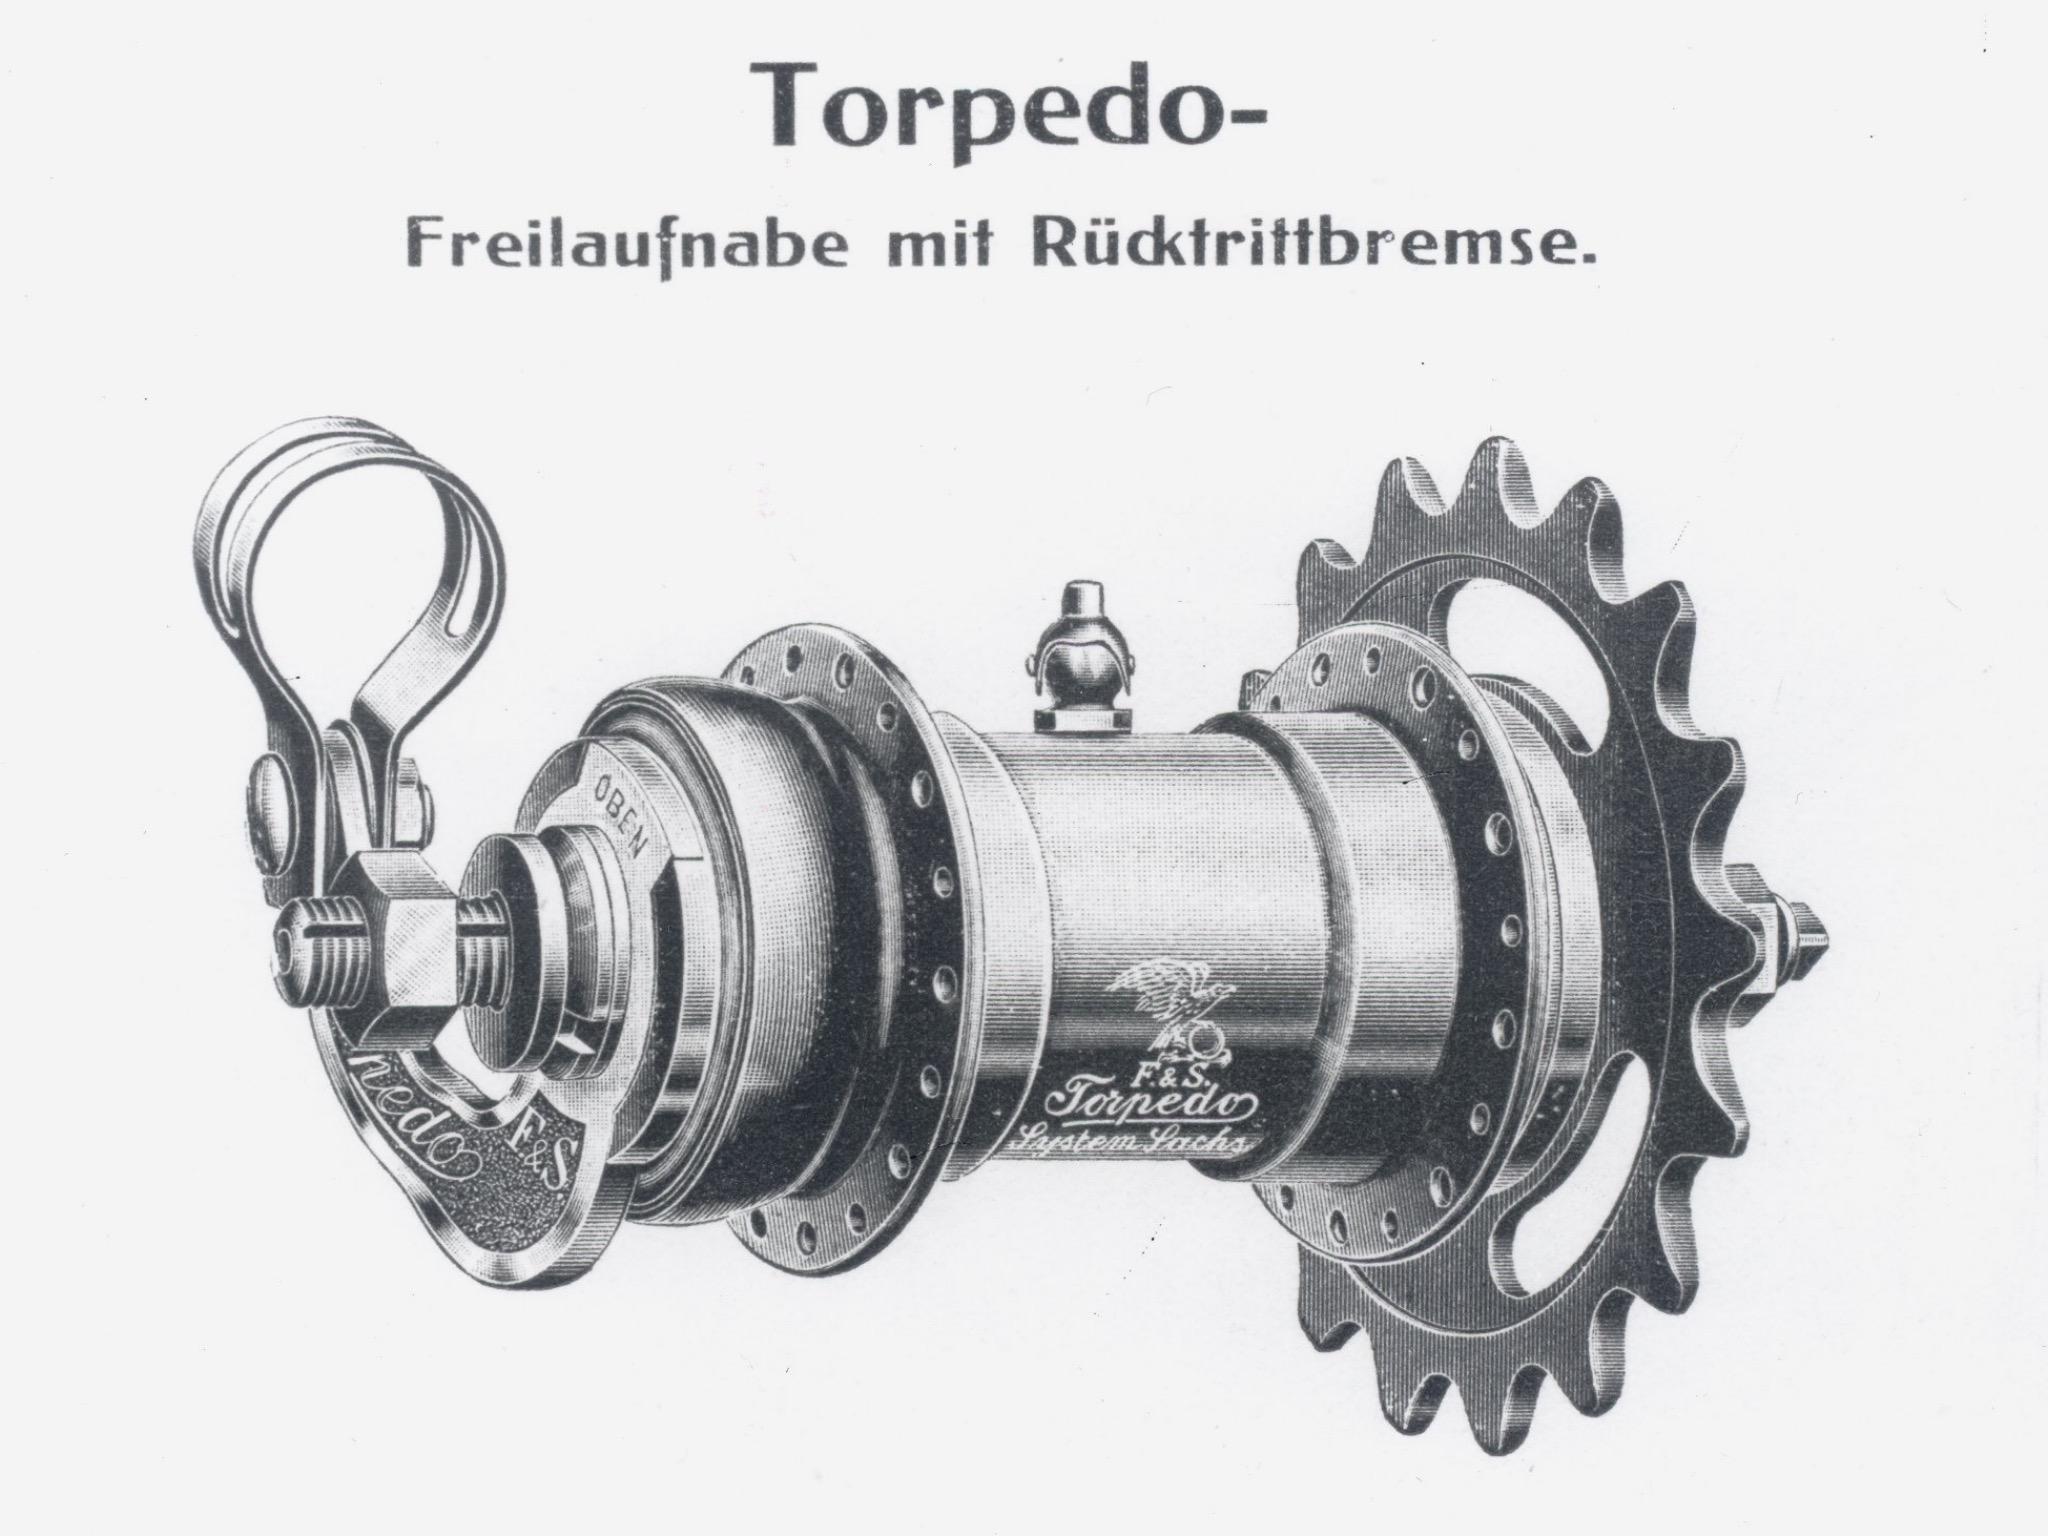 Mit der Torpedo-Freilaufnabe gelang ZF Schweinfurt 1903 der Aufstieg. Nun muss sich der Konzern in der E-Mobilität beweisen! Foto: ZF Schweinfurt